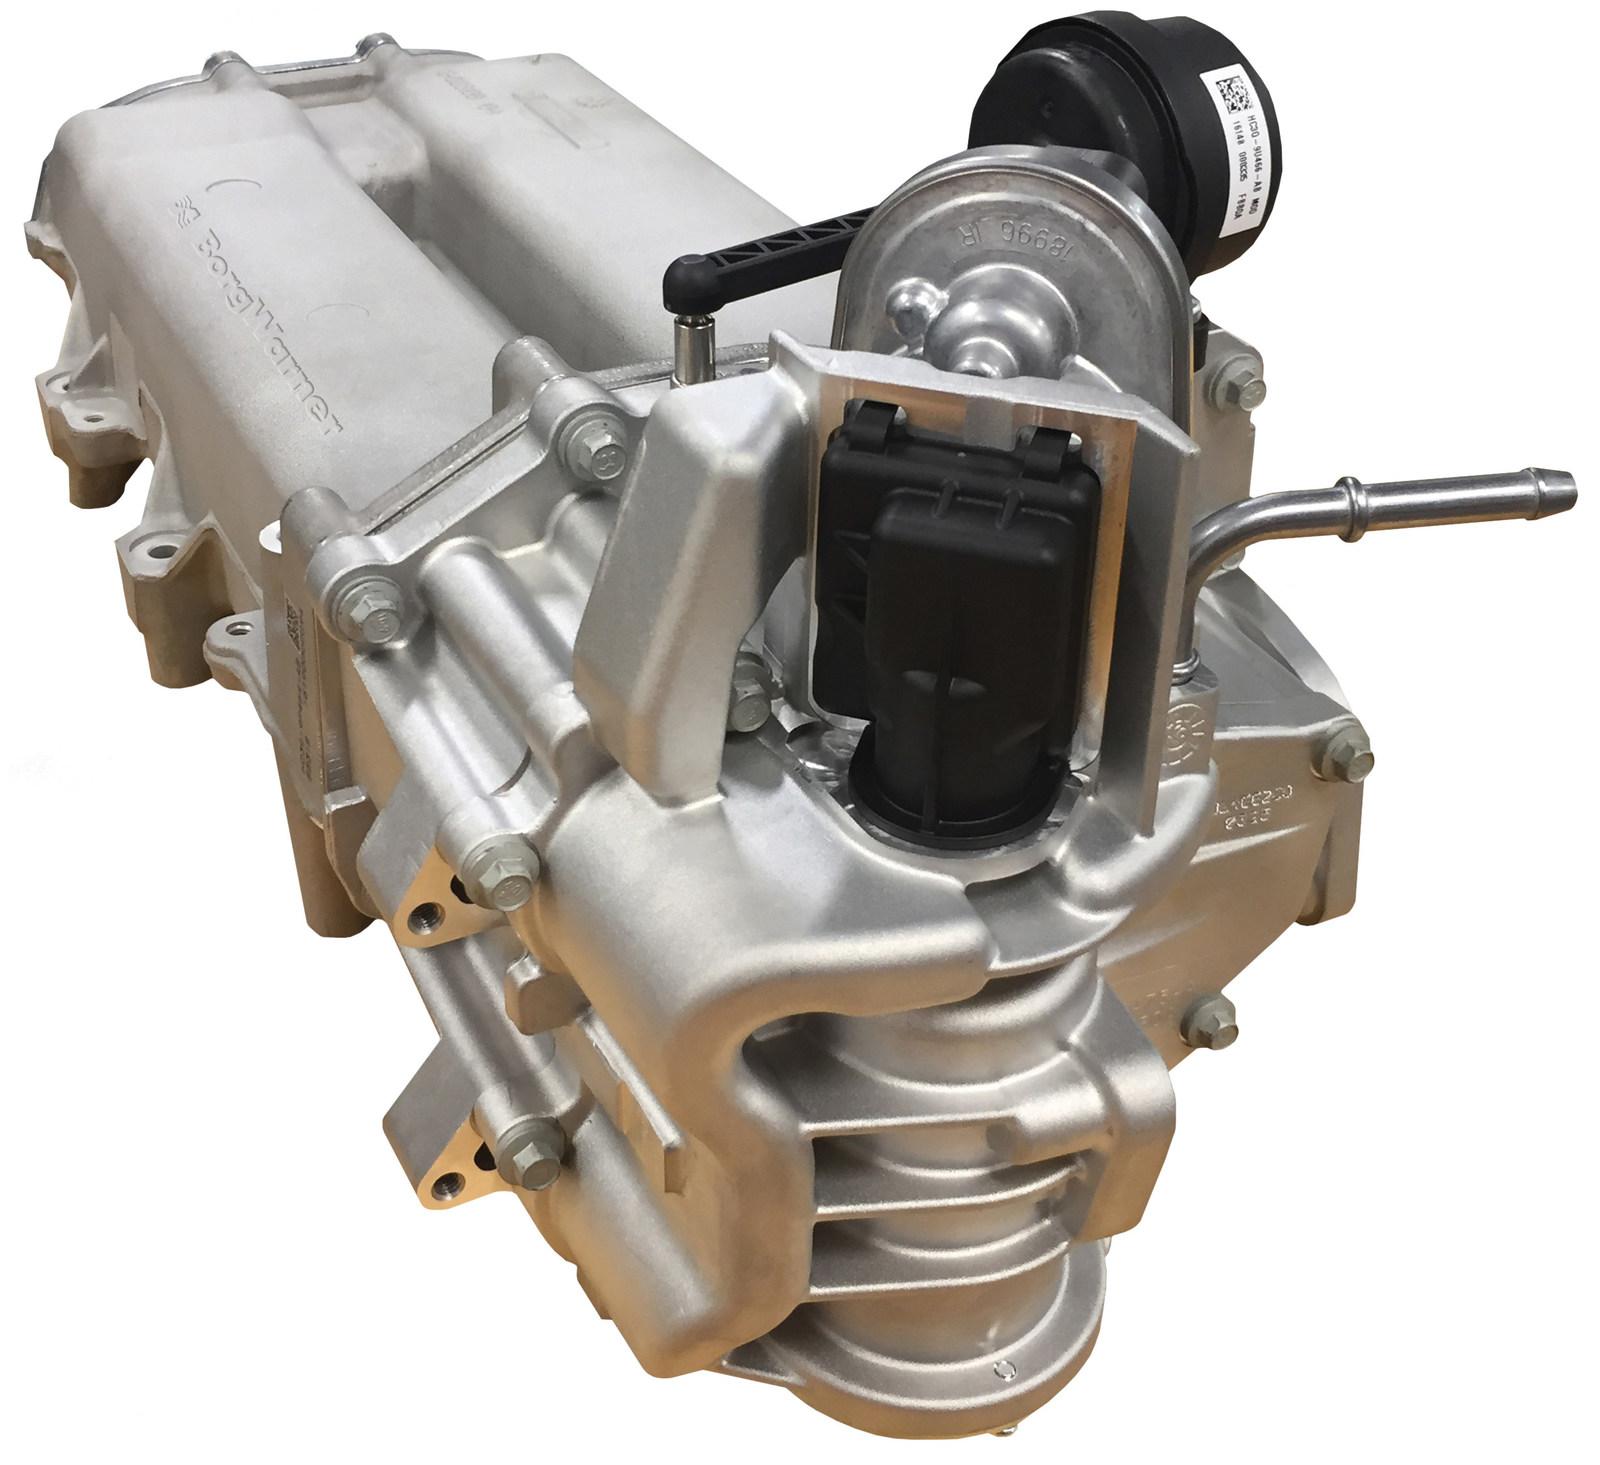 borgwarner s egr technologies reduce emissions for ford s power stroke diesel engines. Black Bedroom Furniture Sets. Home Design Ideas